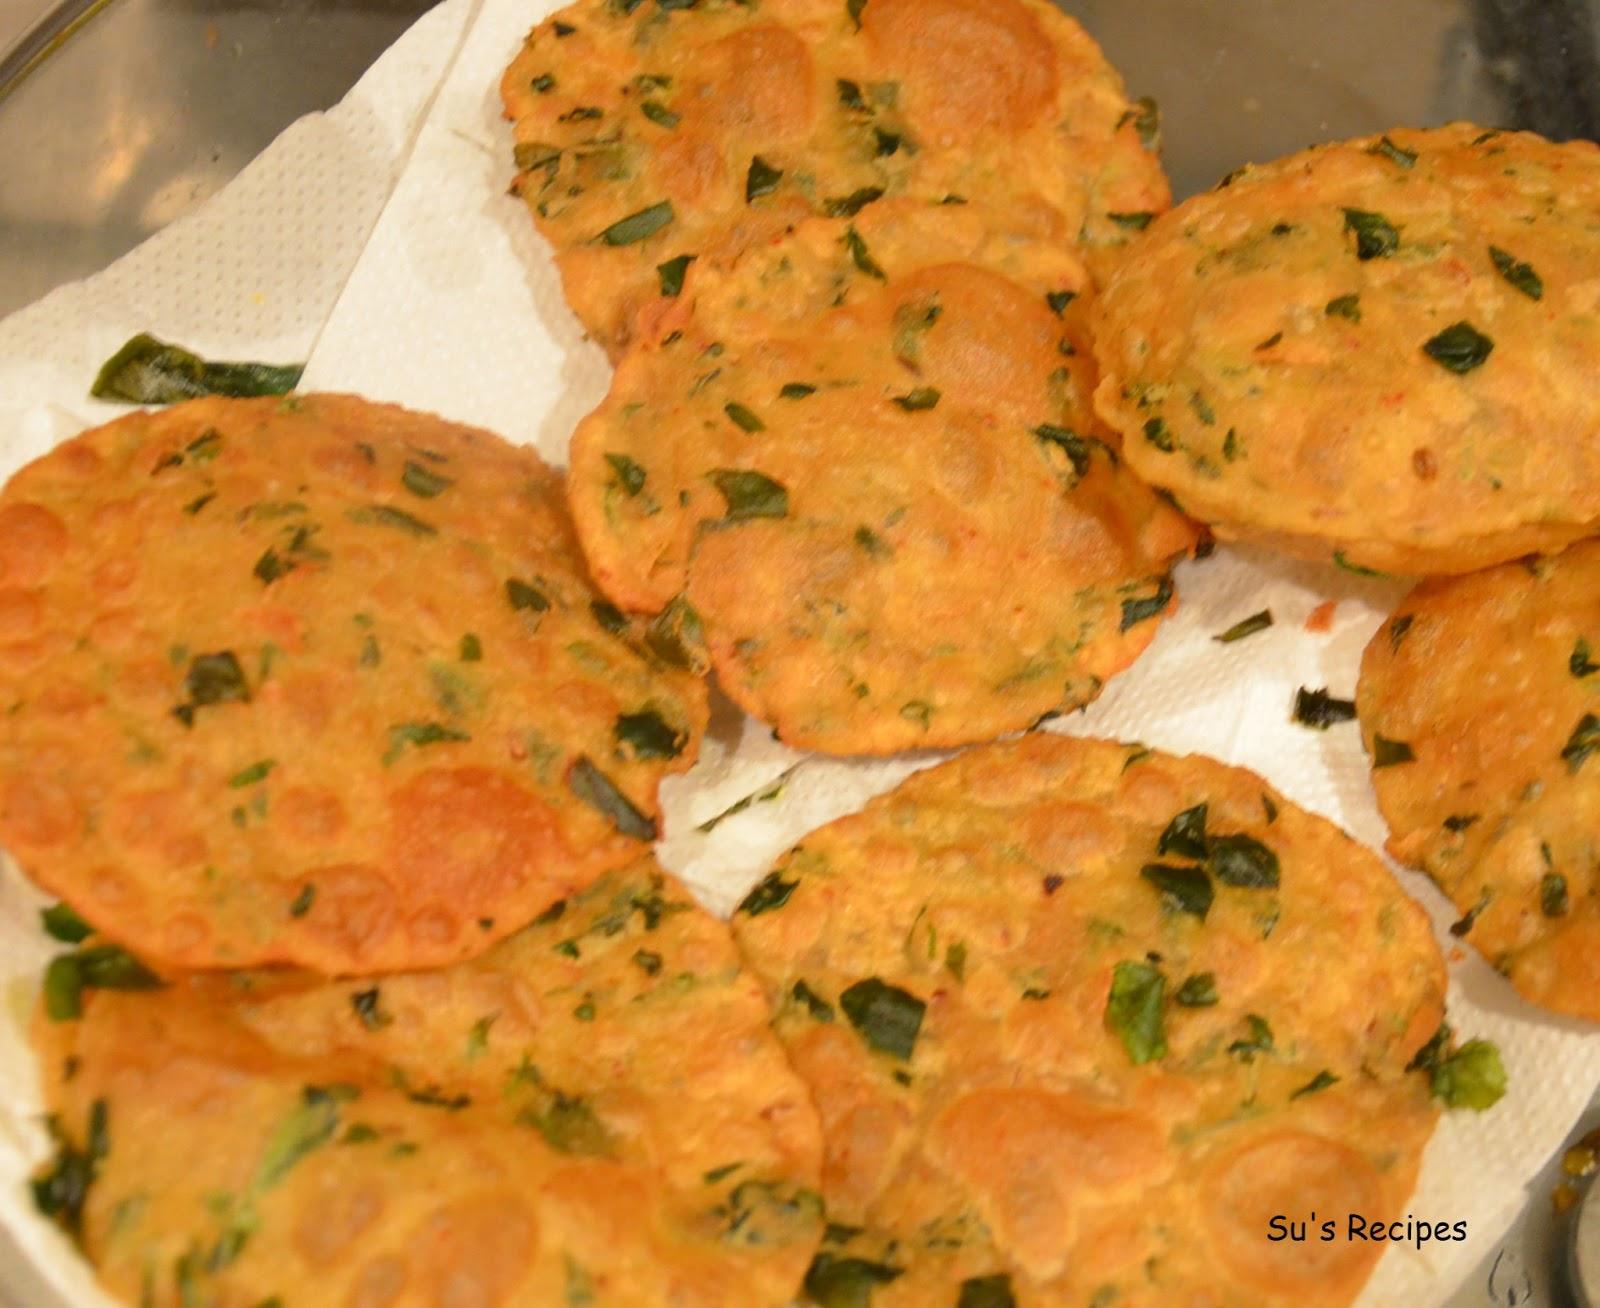 methi poori, poori, breakfast dish, Indian fried snack, nutritious breakfast, simple pooris, methi, fenugreek snack